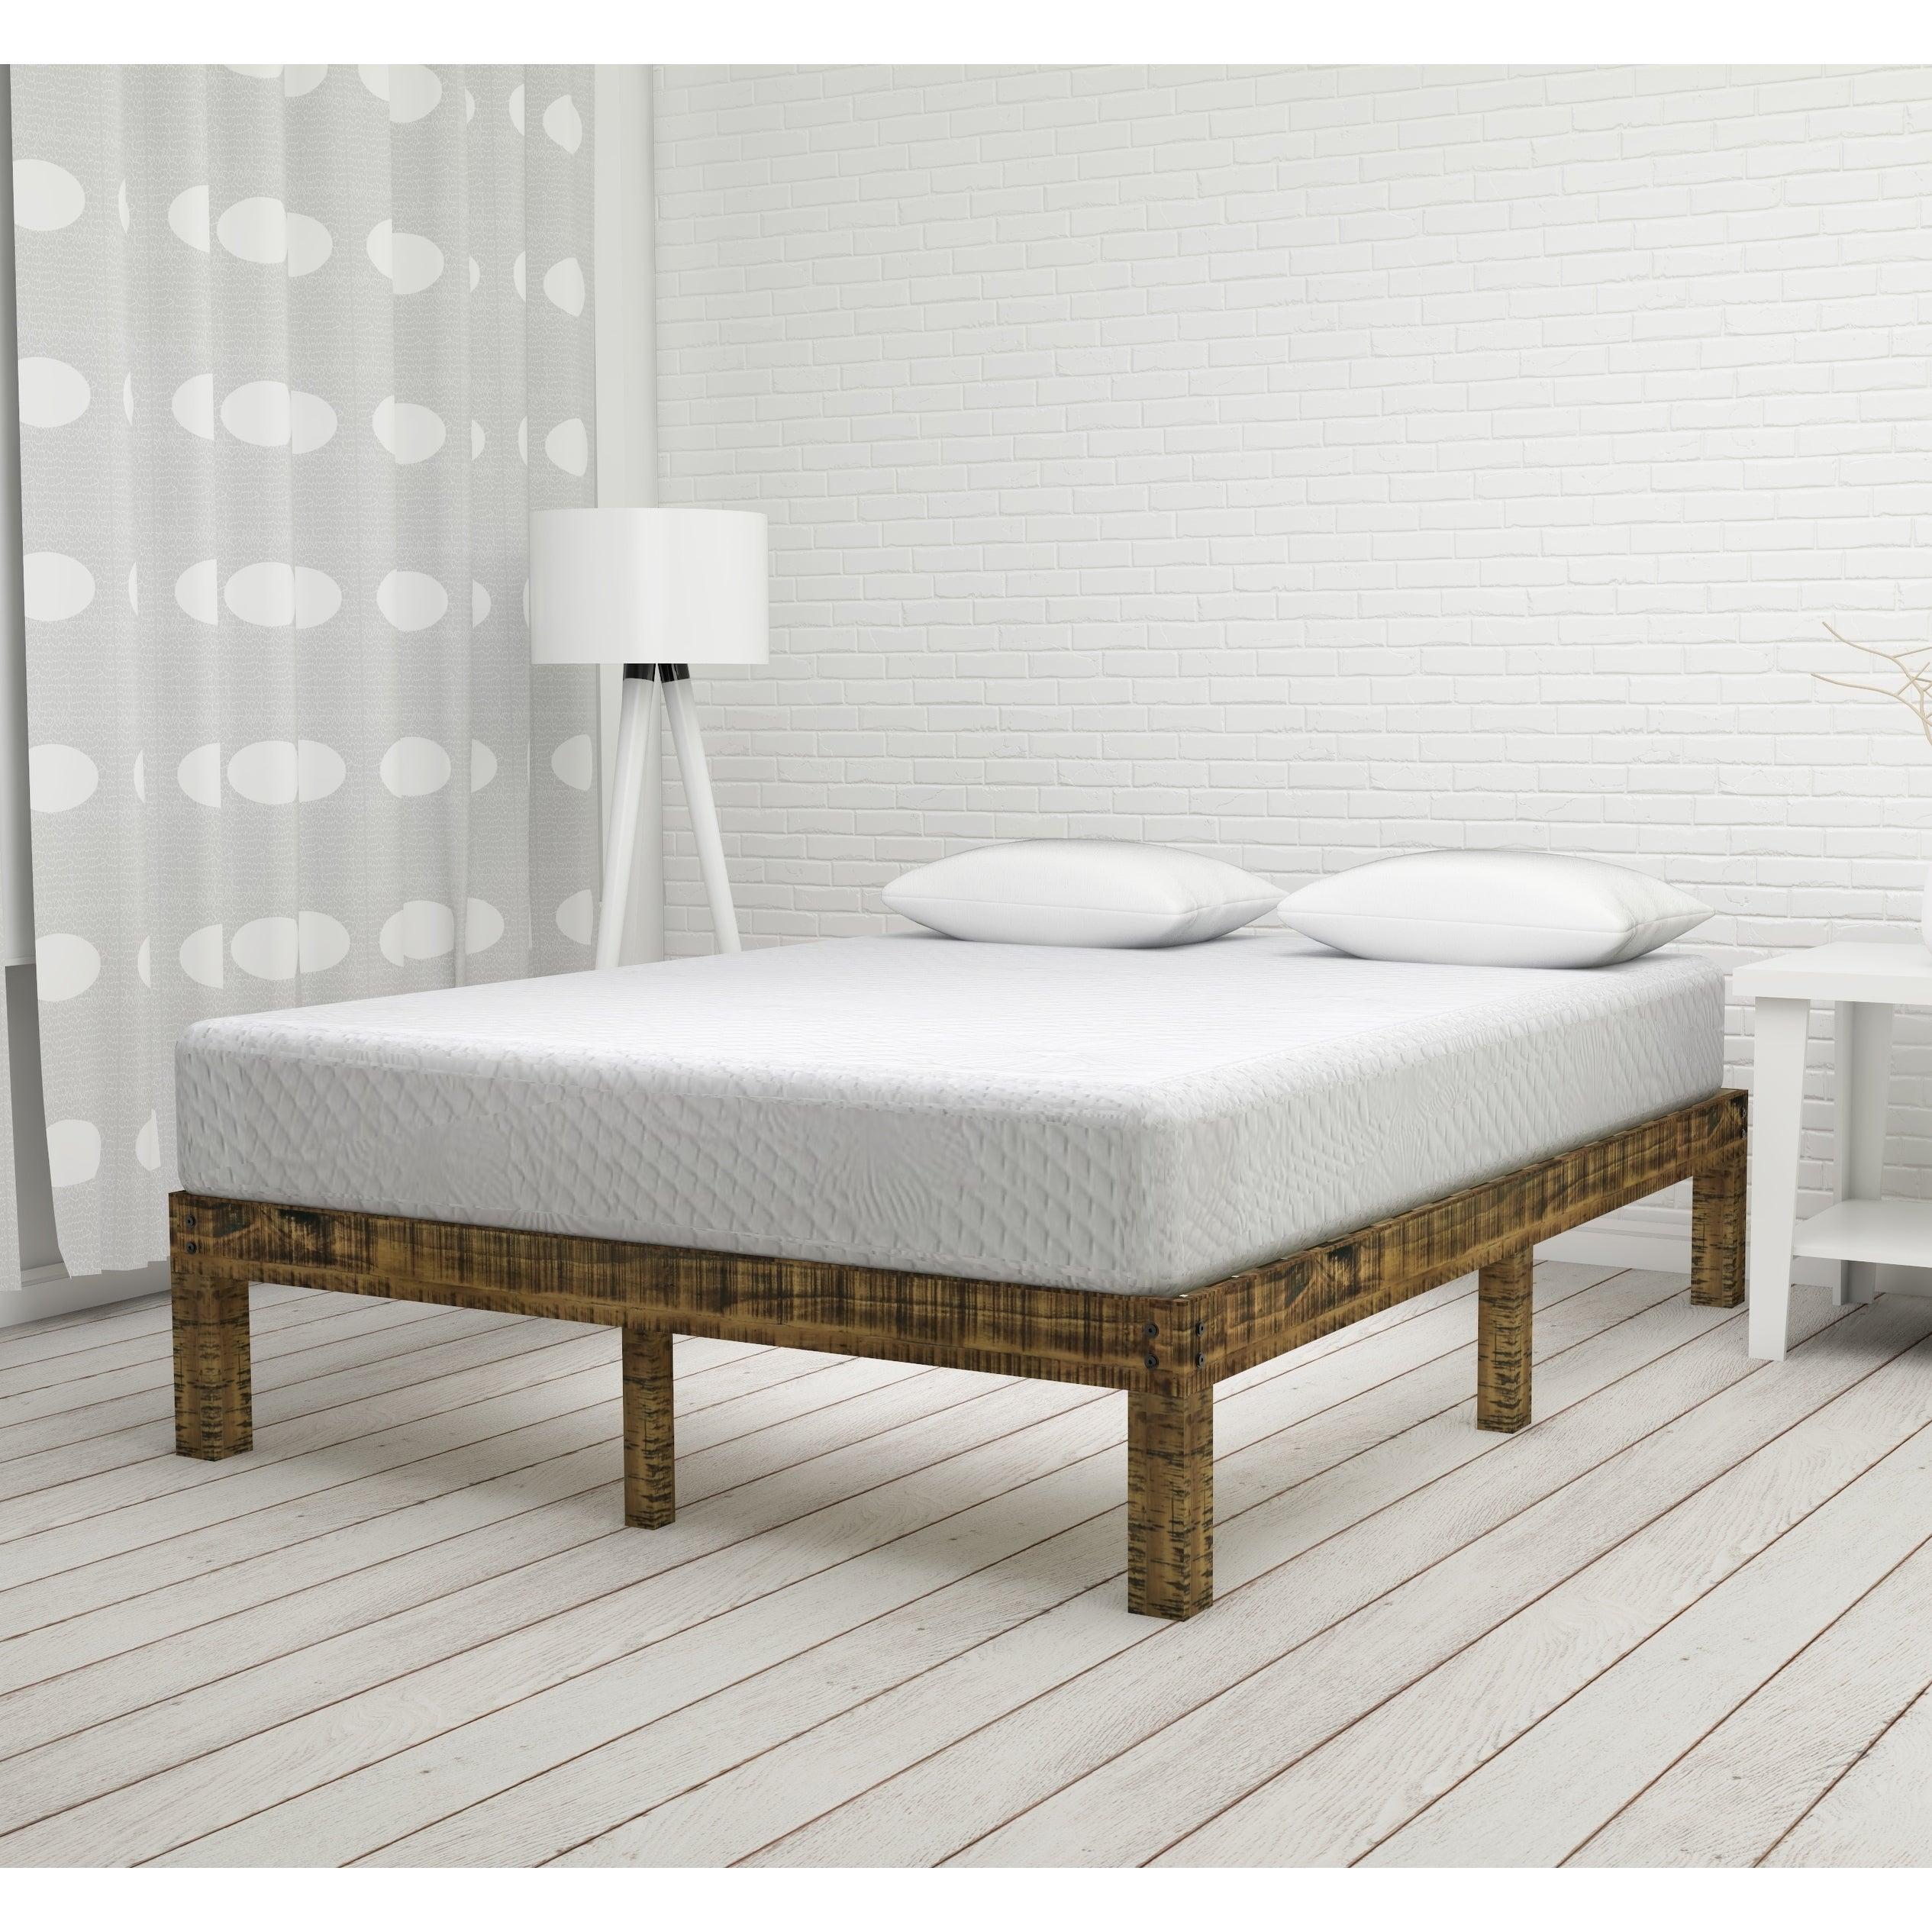 Shop Sleeplanner 14 Inch Solid Wood Platform Bed Natural Finish